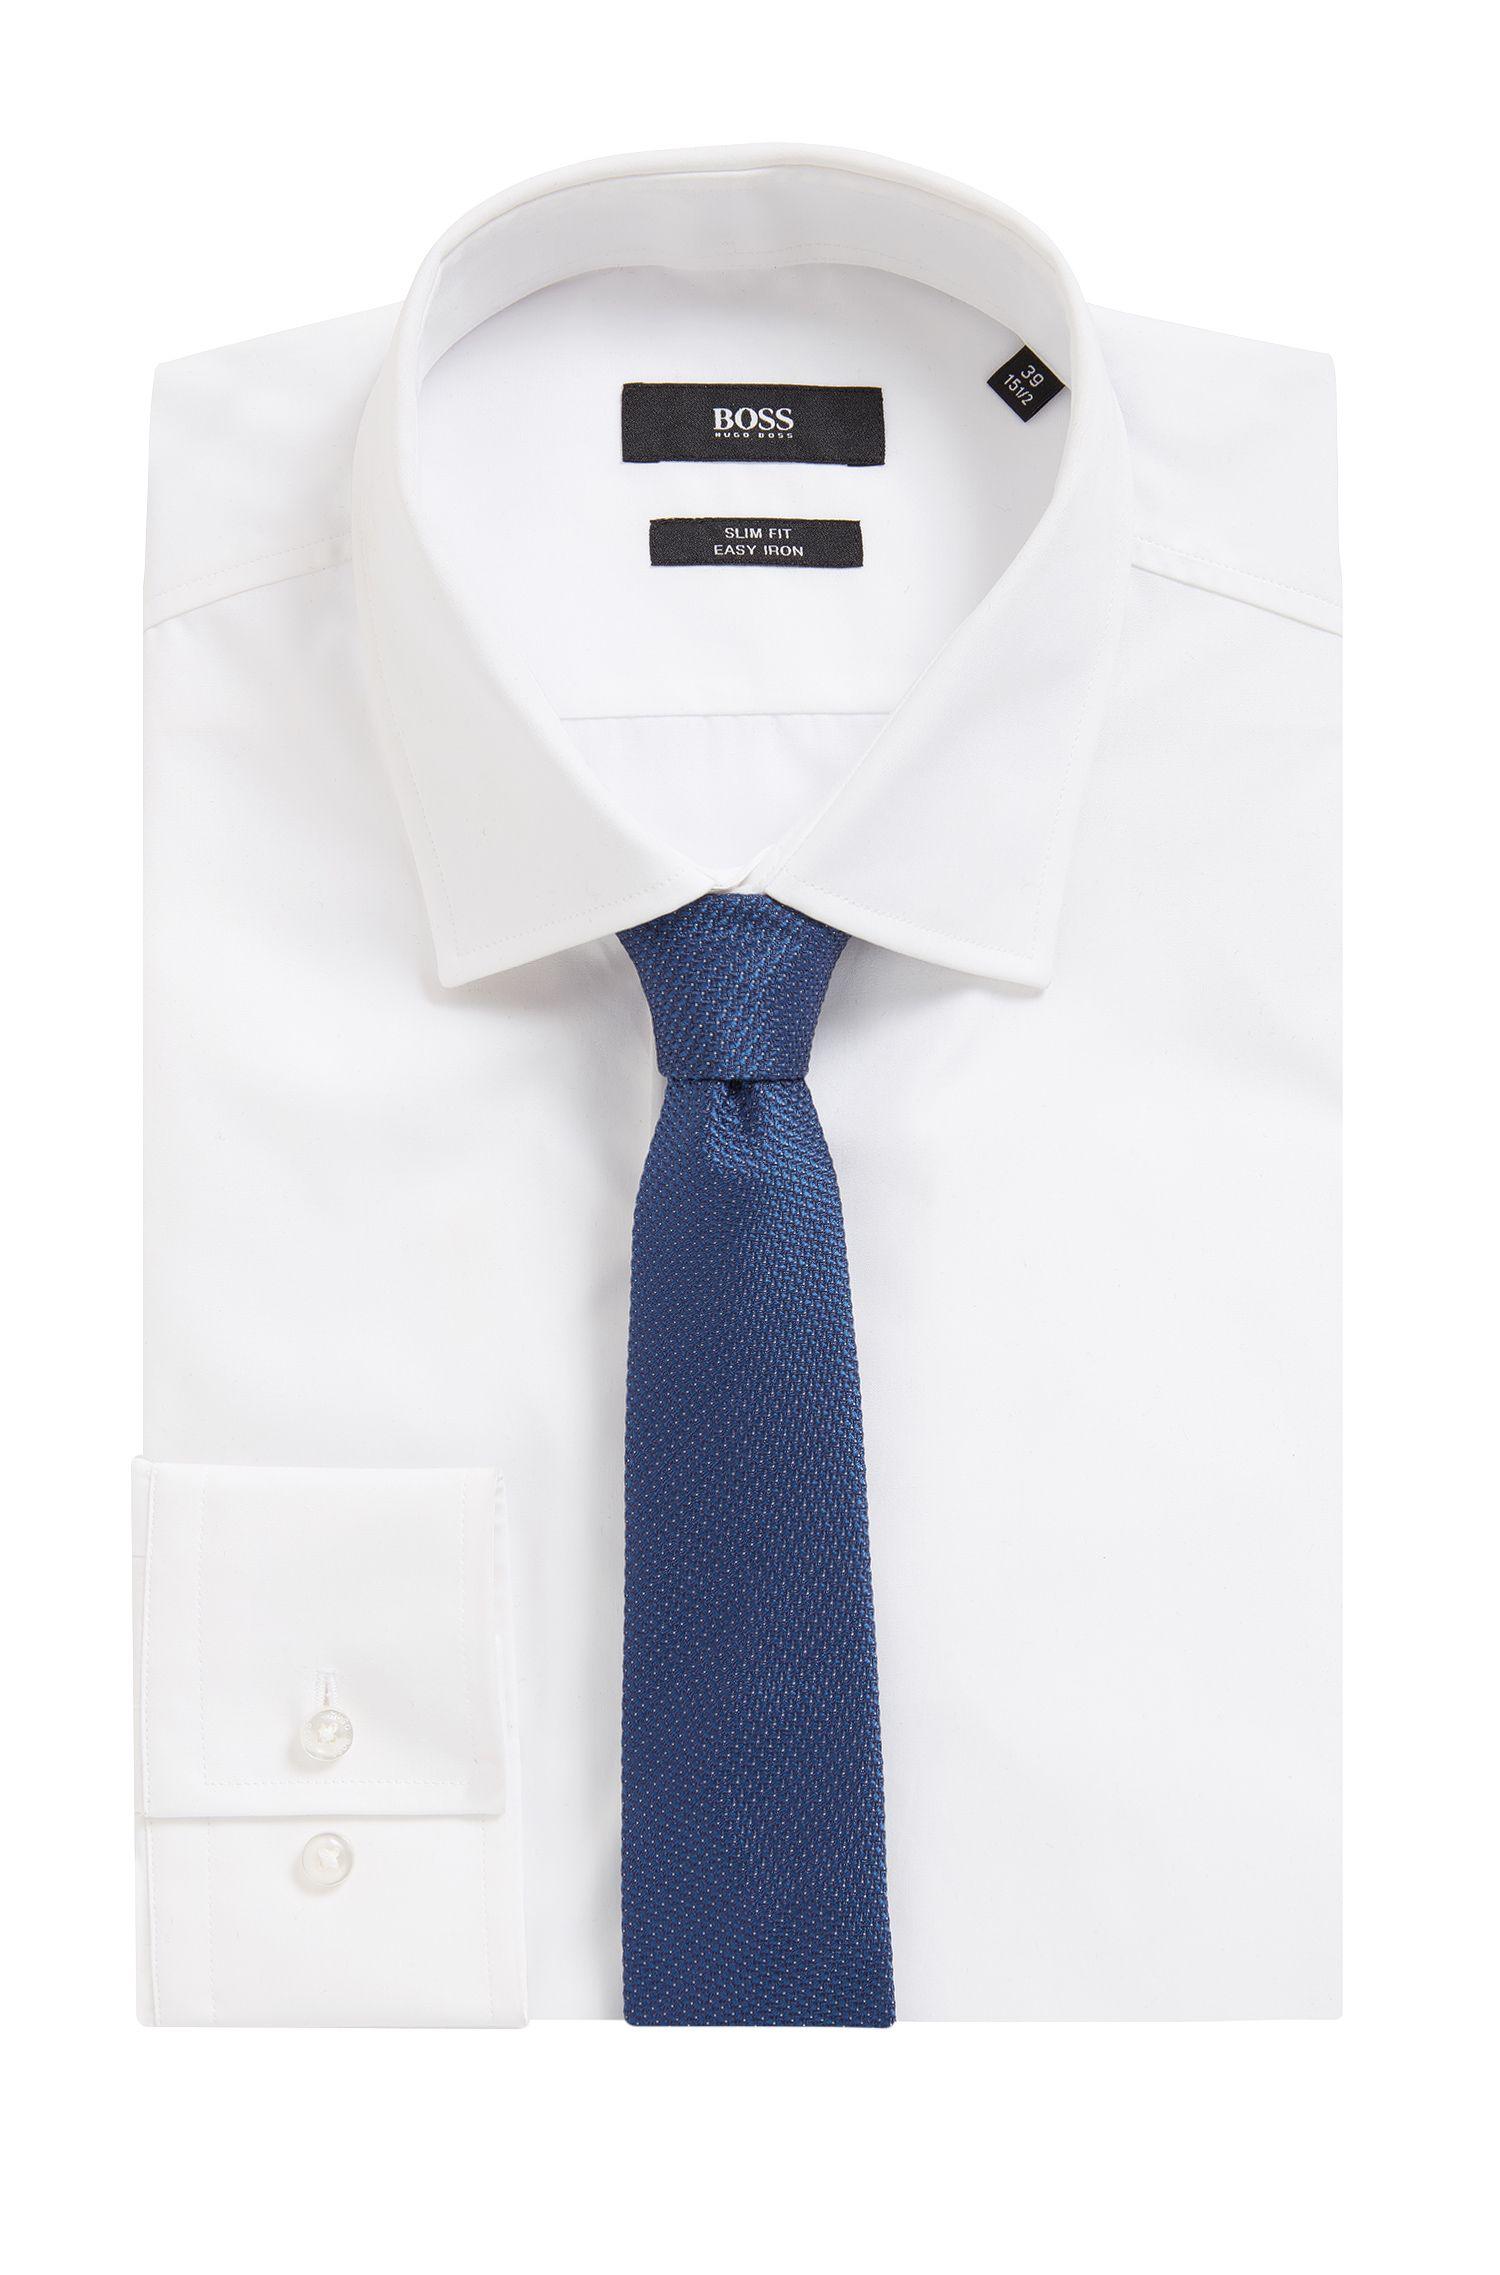 Cravate en jacquard de soie à pois tête d'épingle